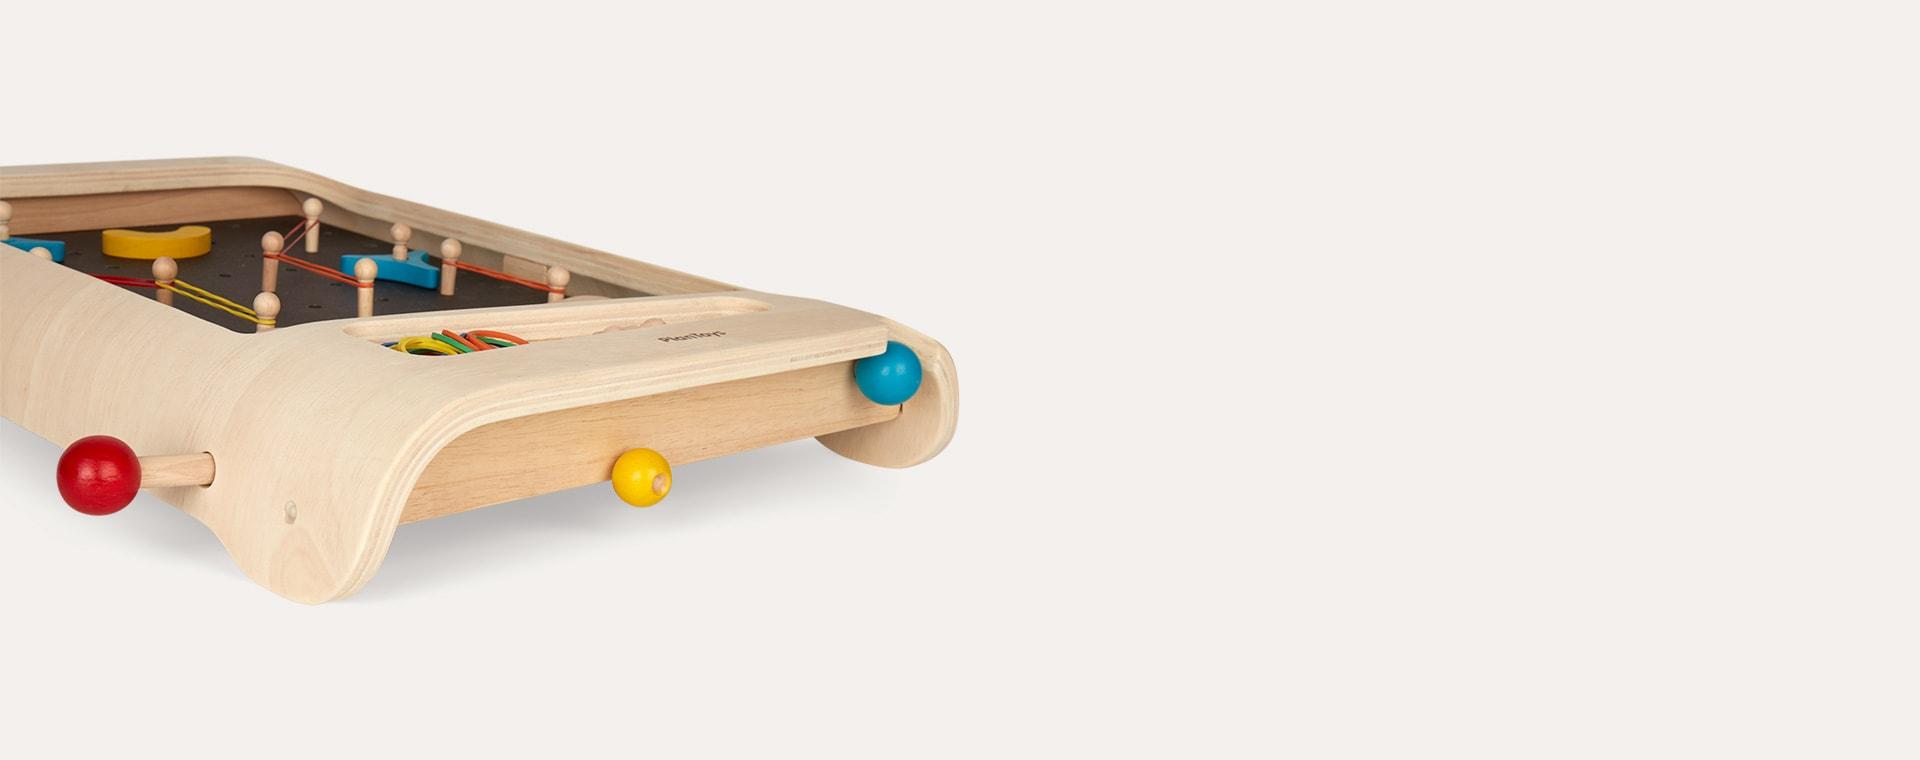 Neutral Plan Toys Pinball